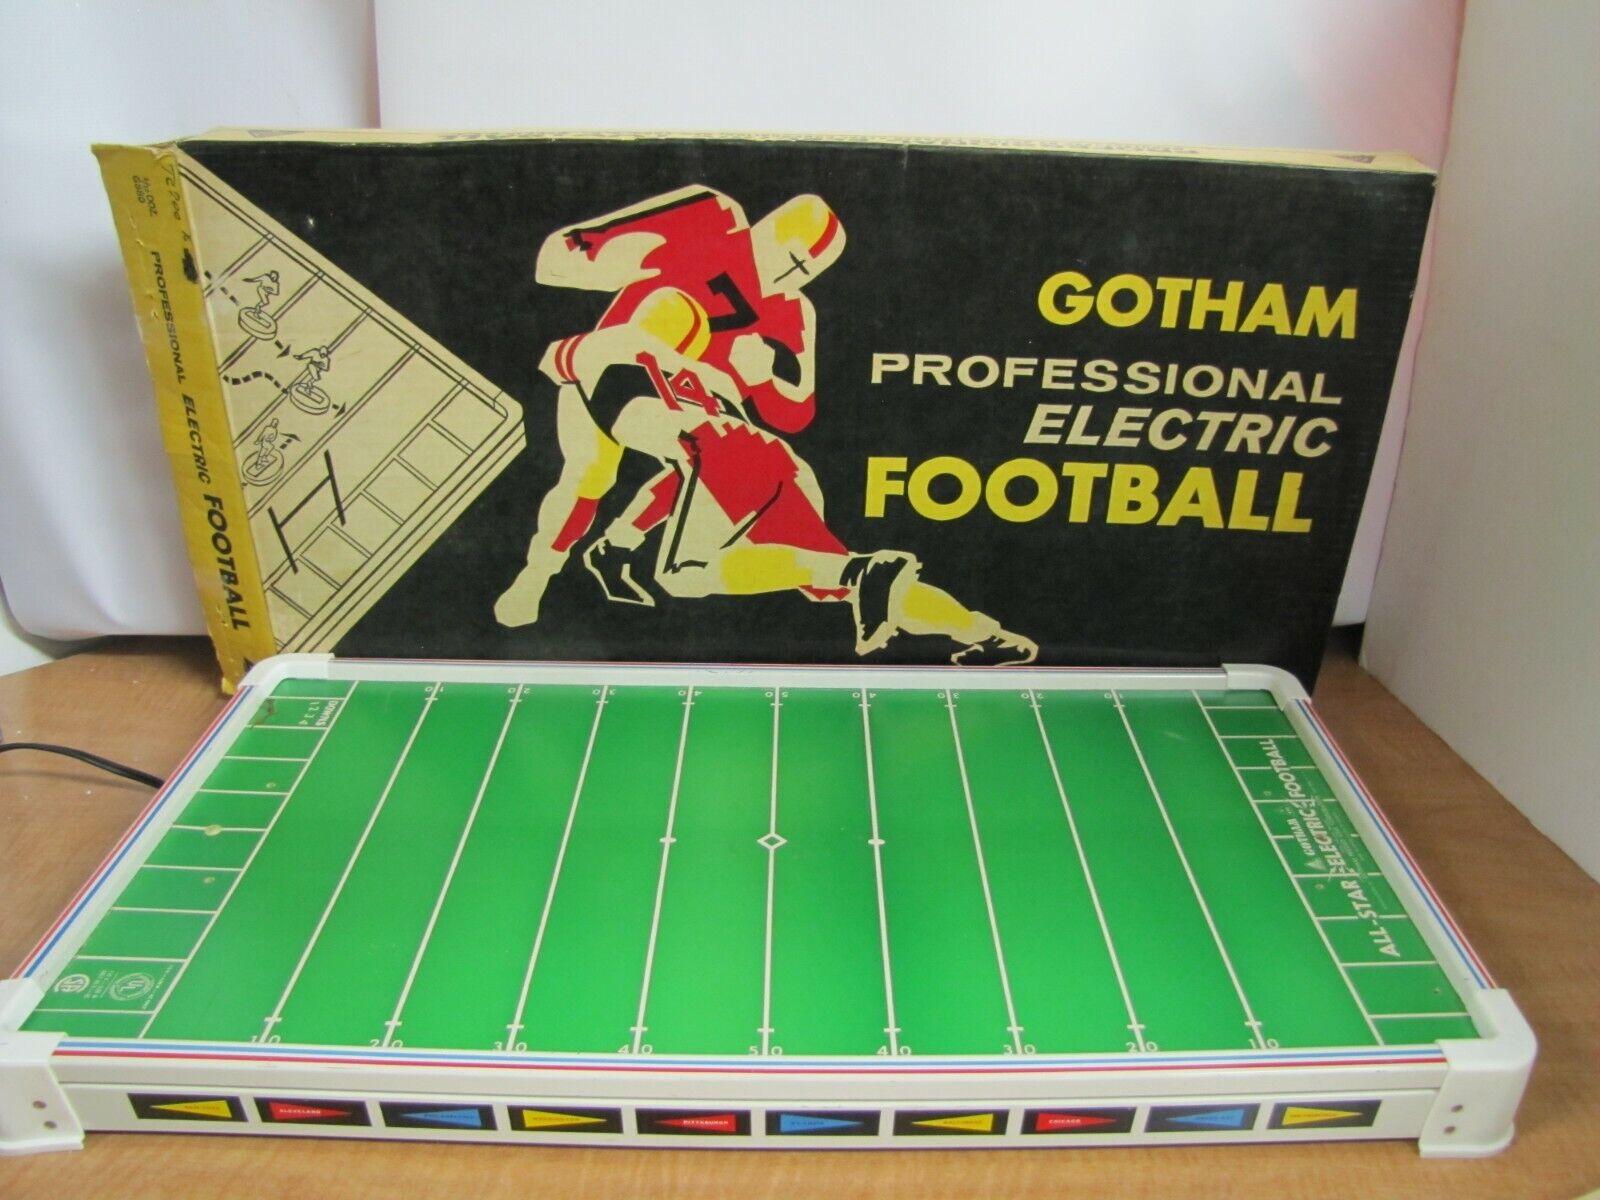 Gotham Professional Electric fotboll G -880 Fullständig w  låda och accessoarer  arbetssätt